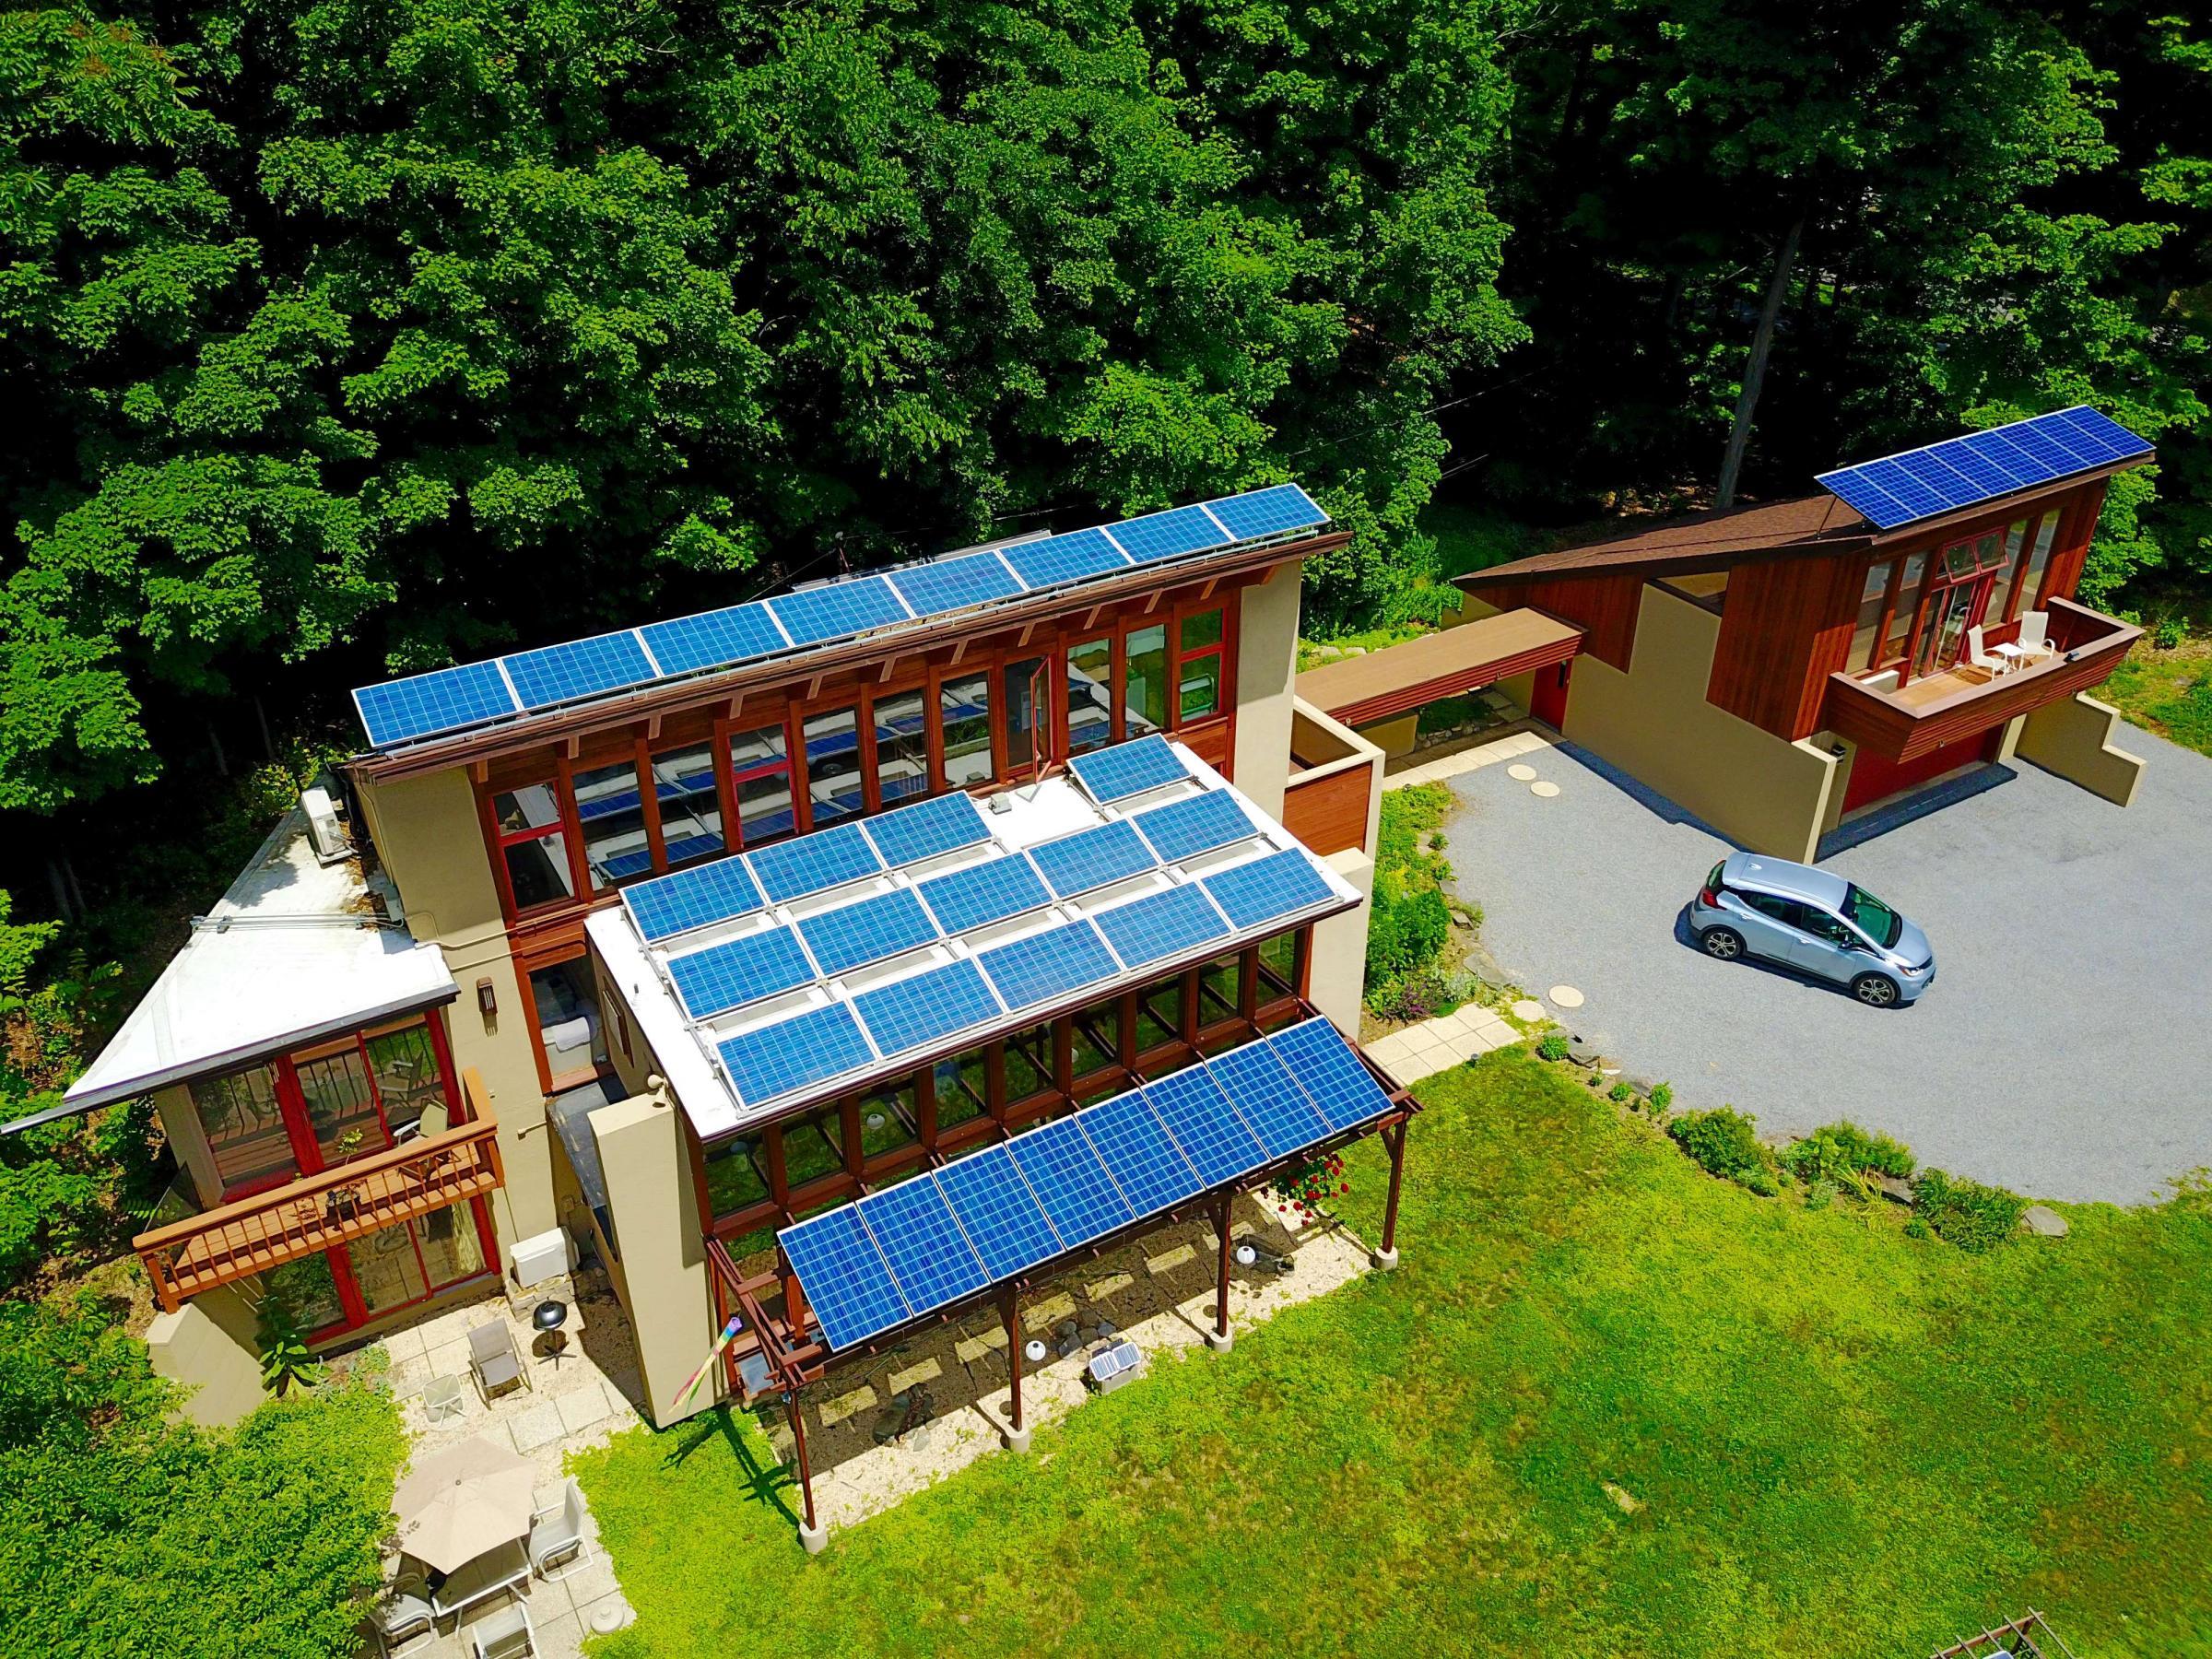 Helios passive active solar home net zero energy nesea for Solar homes